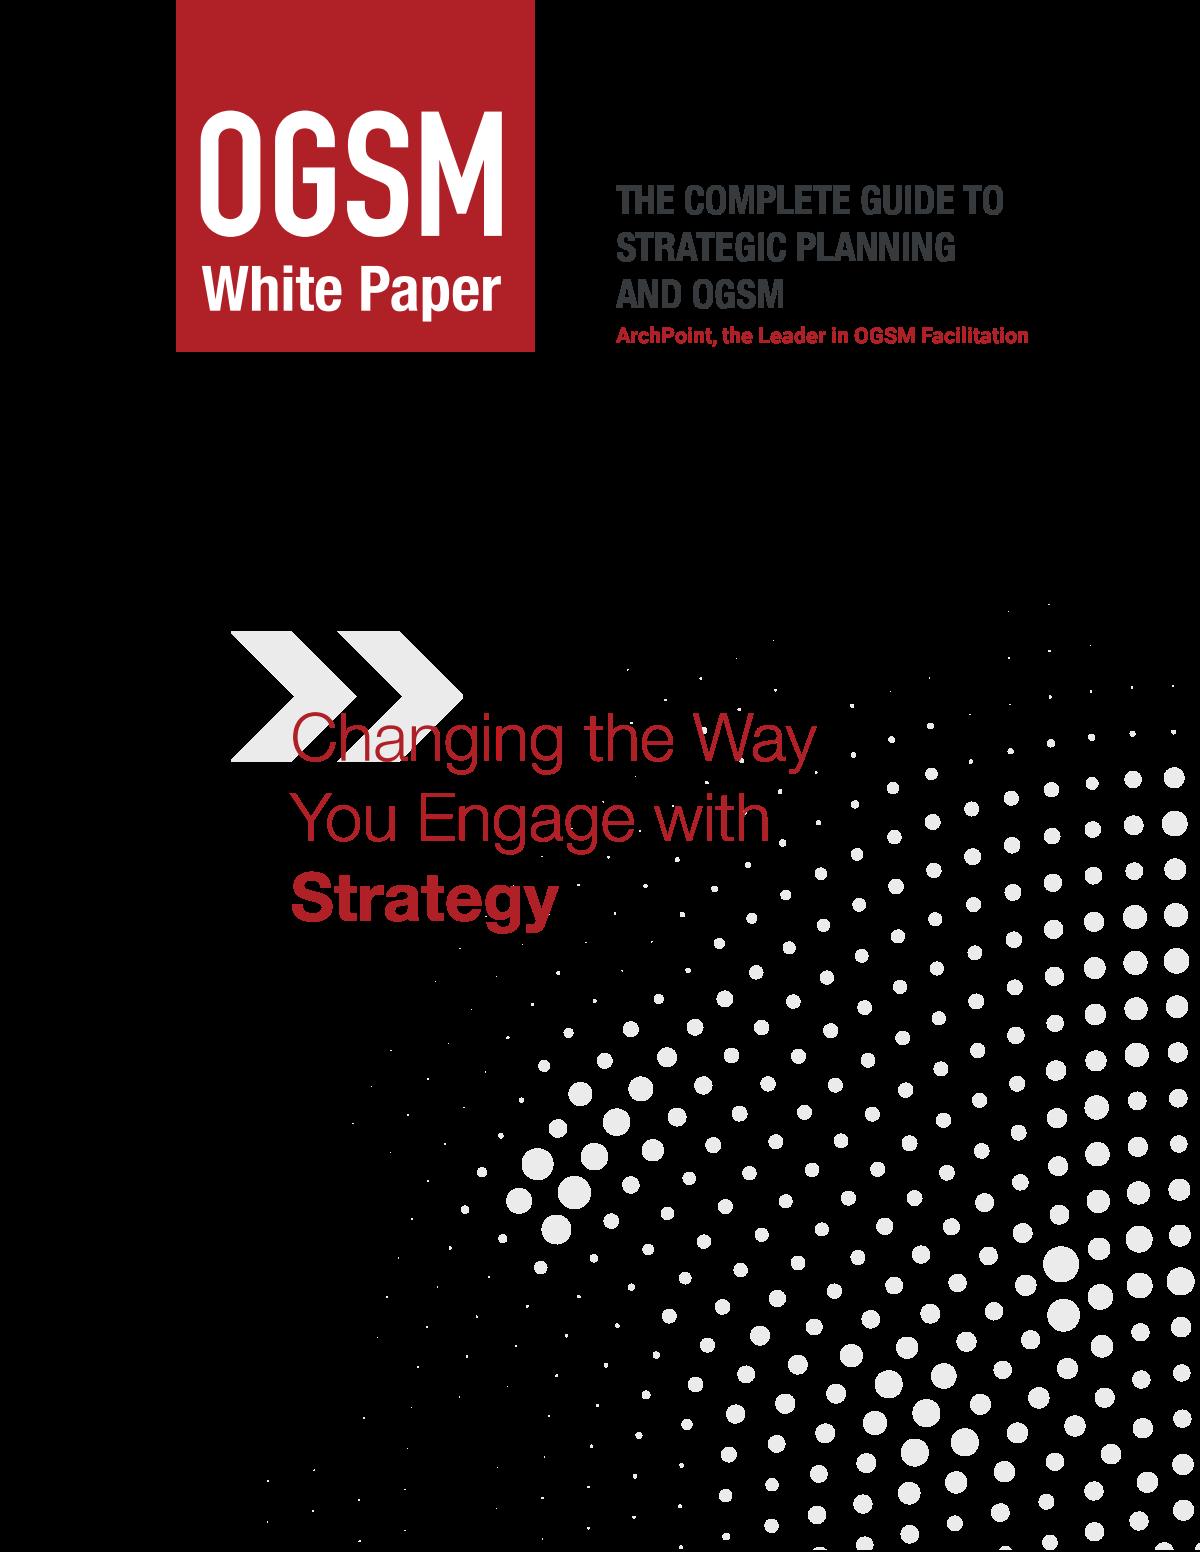 OGSM whitepaper update (adding myOGSM promo)